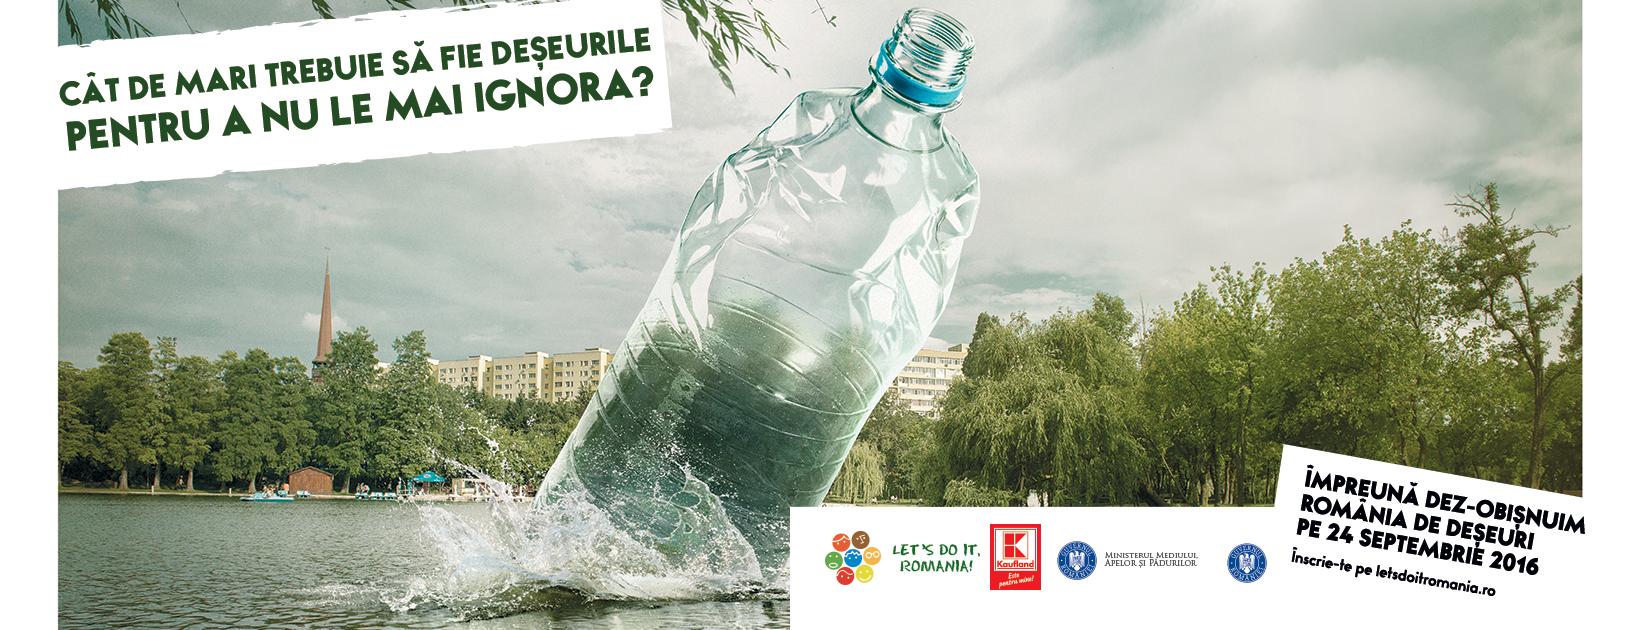 Start înscrieri pentru Ziua de Curățenie Națională! Fă-ți o echipă și alocă-ți un morman pe care să-l cureți pe 24 septembrie!